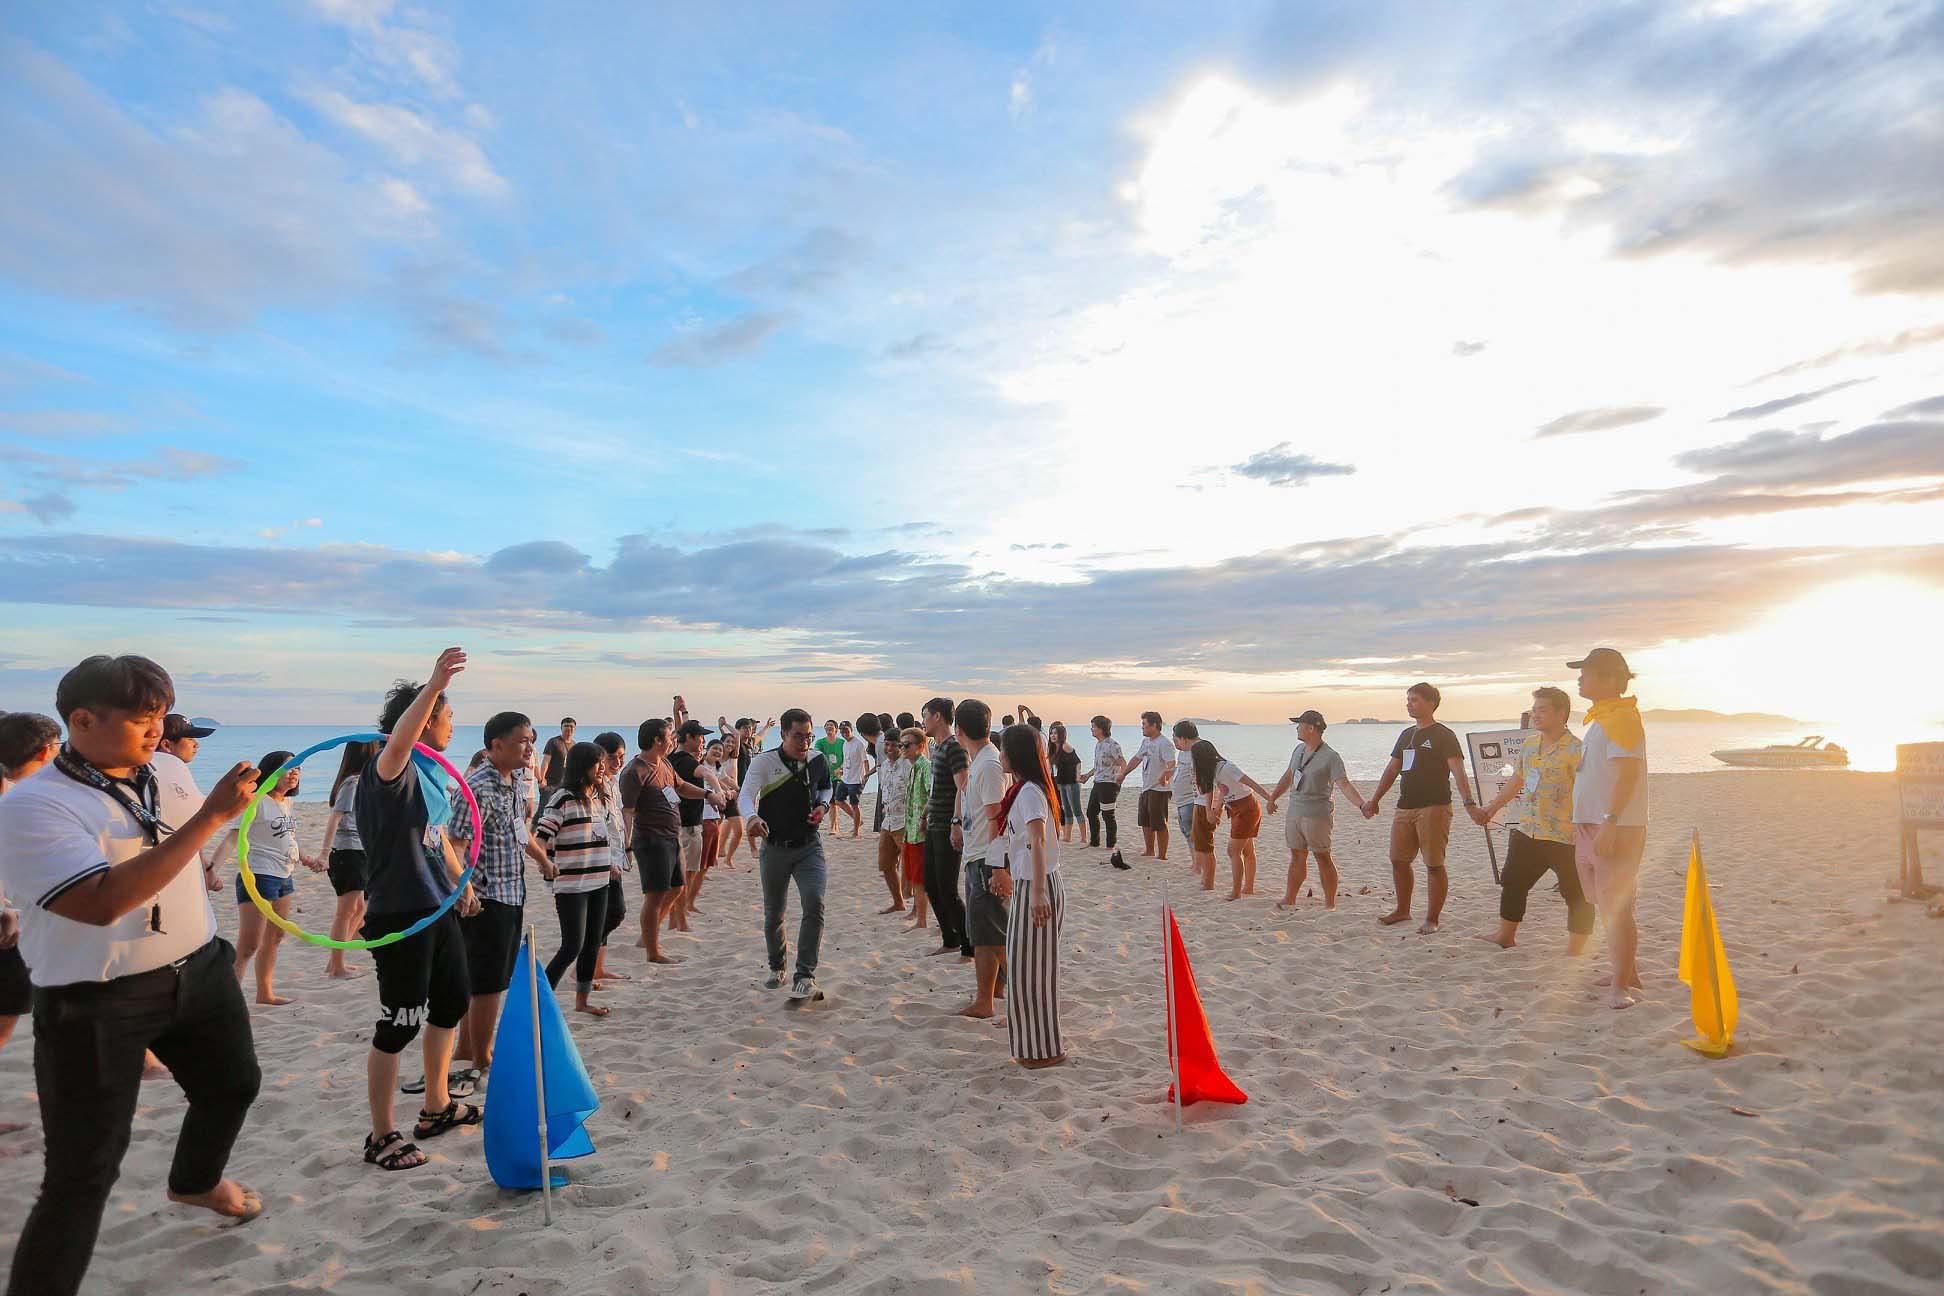 จัดกิจกรรม teambuilding ริมชายหาด